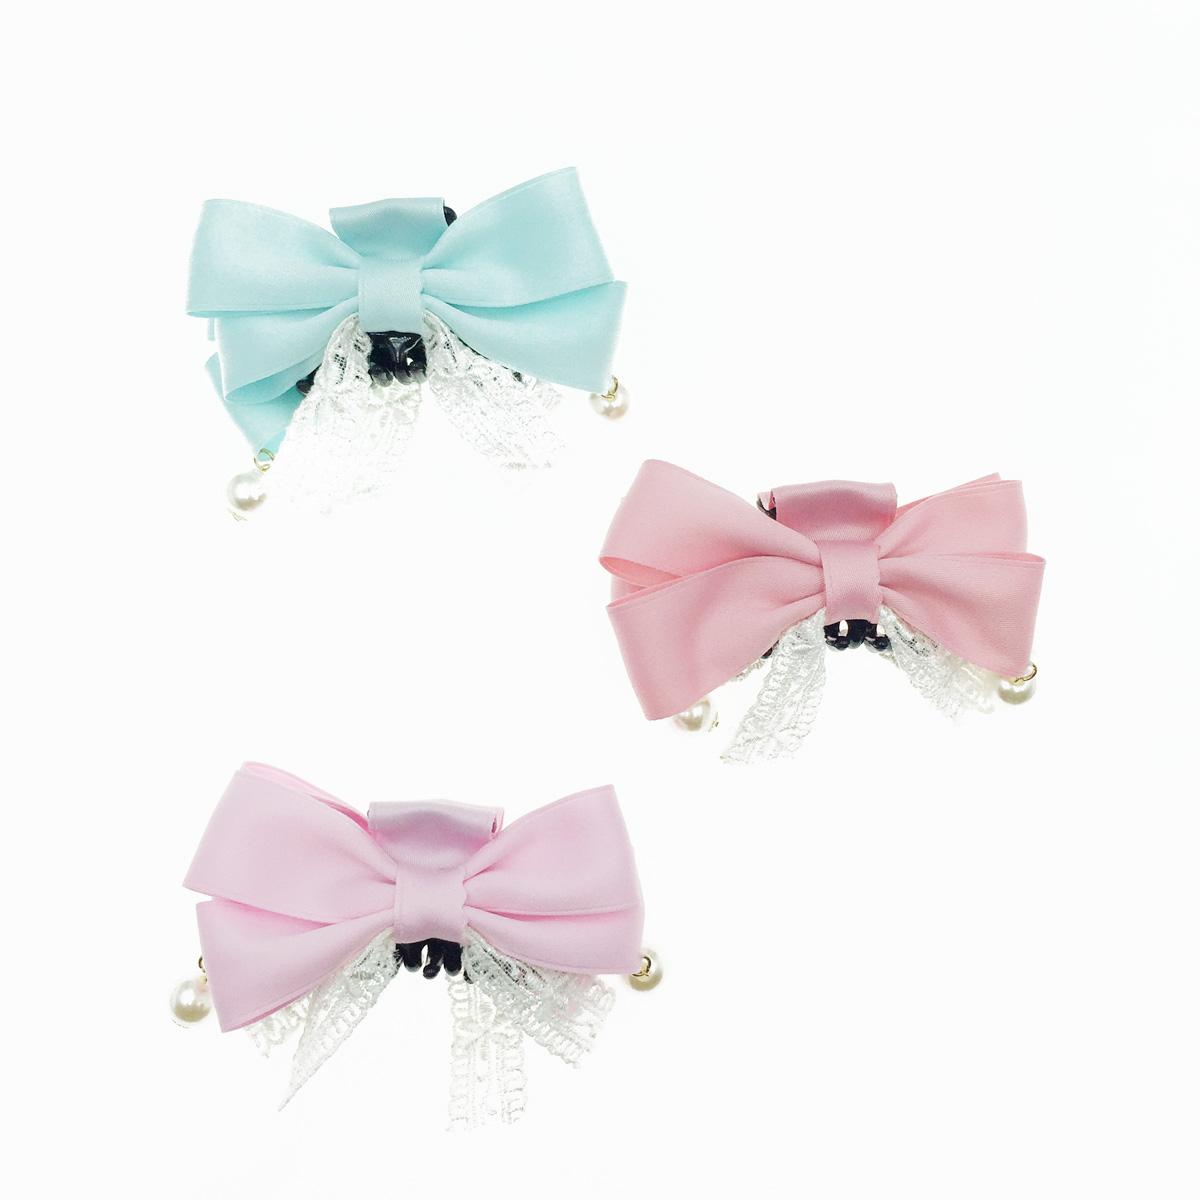 韓國 珍珠垂墜 蝴蝶結 蕾絲 緞帶 緞面質感 鯊魚夾 髮夾 髮飾